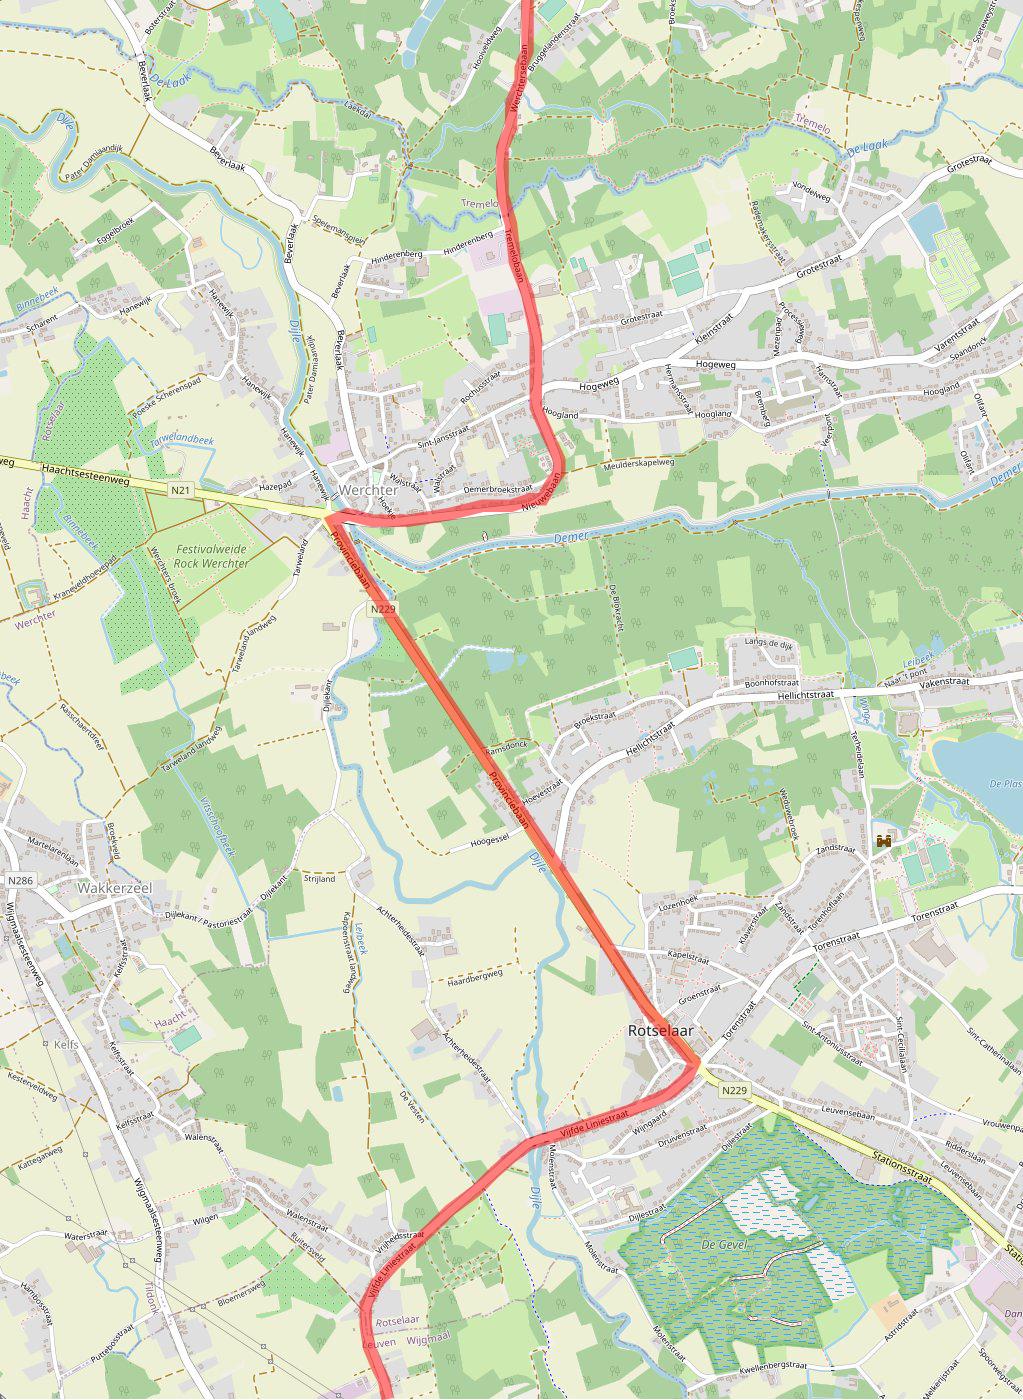 Kaart met het parcours van het WK Wielrennen in de gemeente Rotselaar